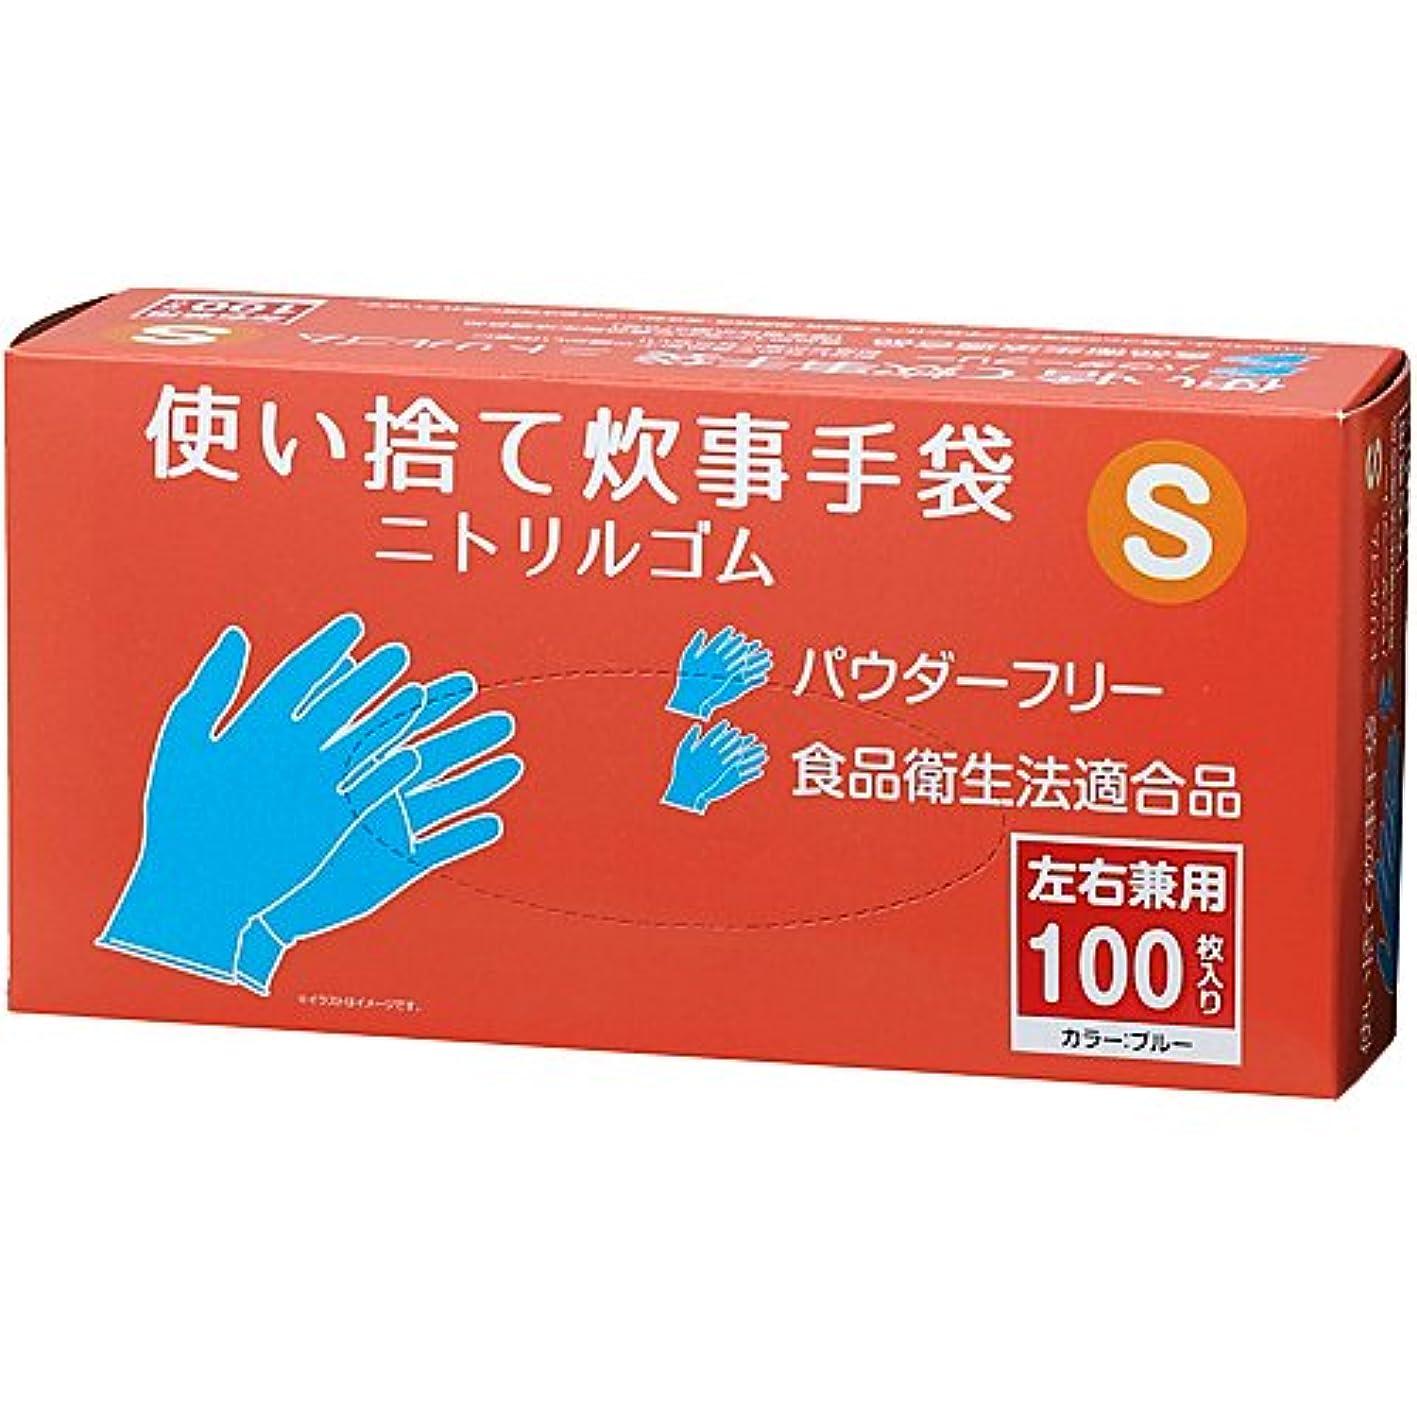 ずっとイタリック移植コーナンオリジナル 使い捨て炊事手袋 ニトリルゴム 100枚入り S KFY05-1142